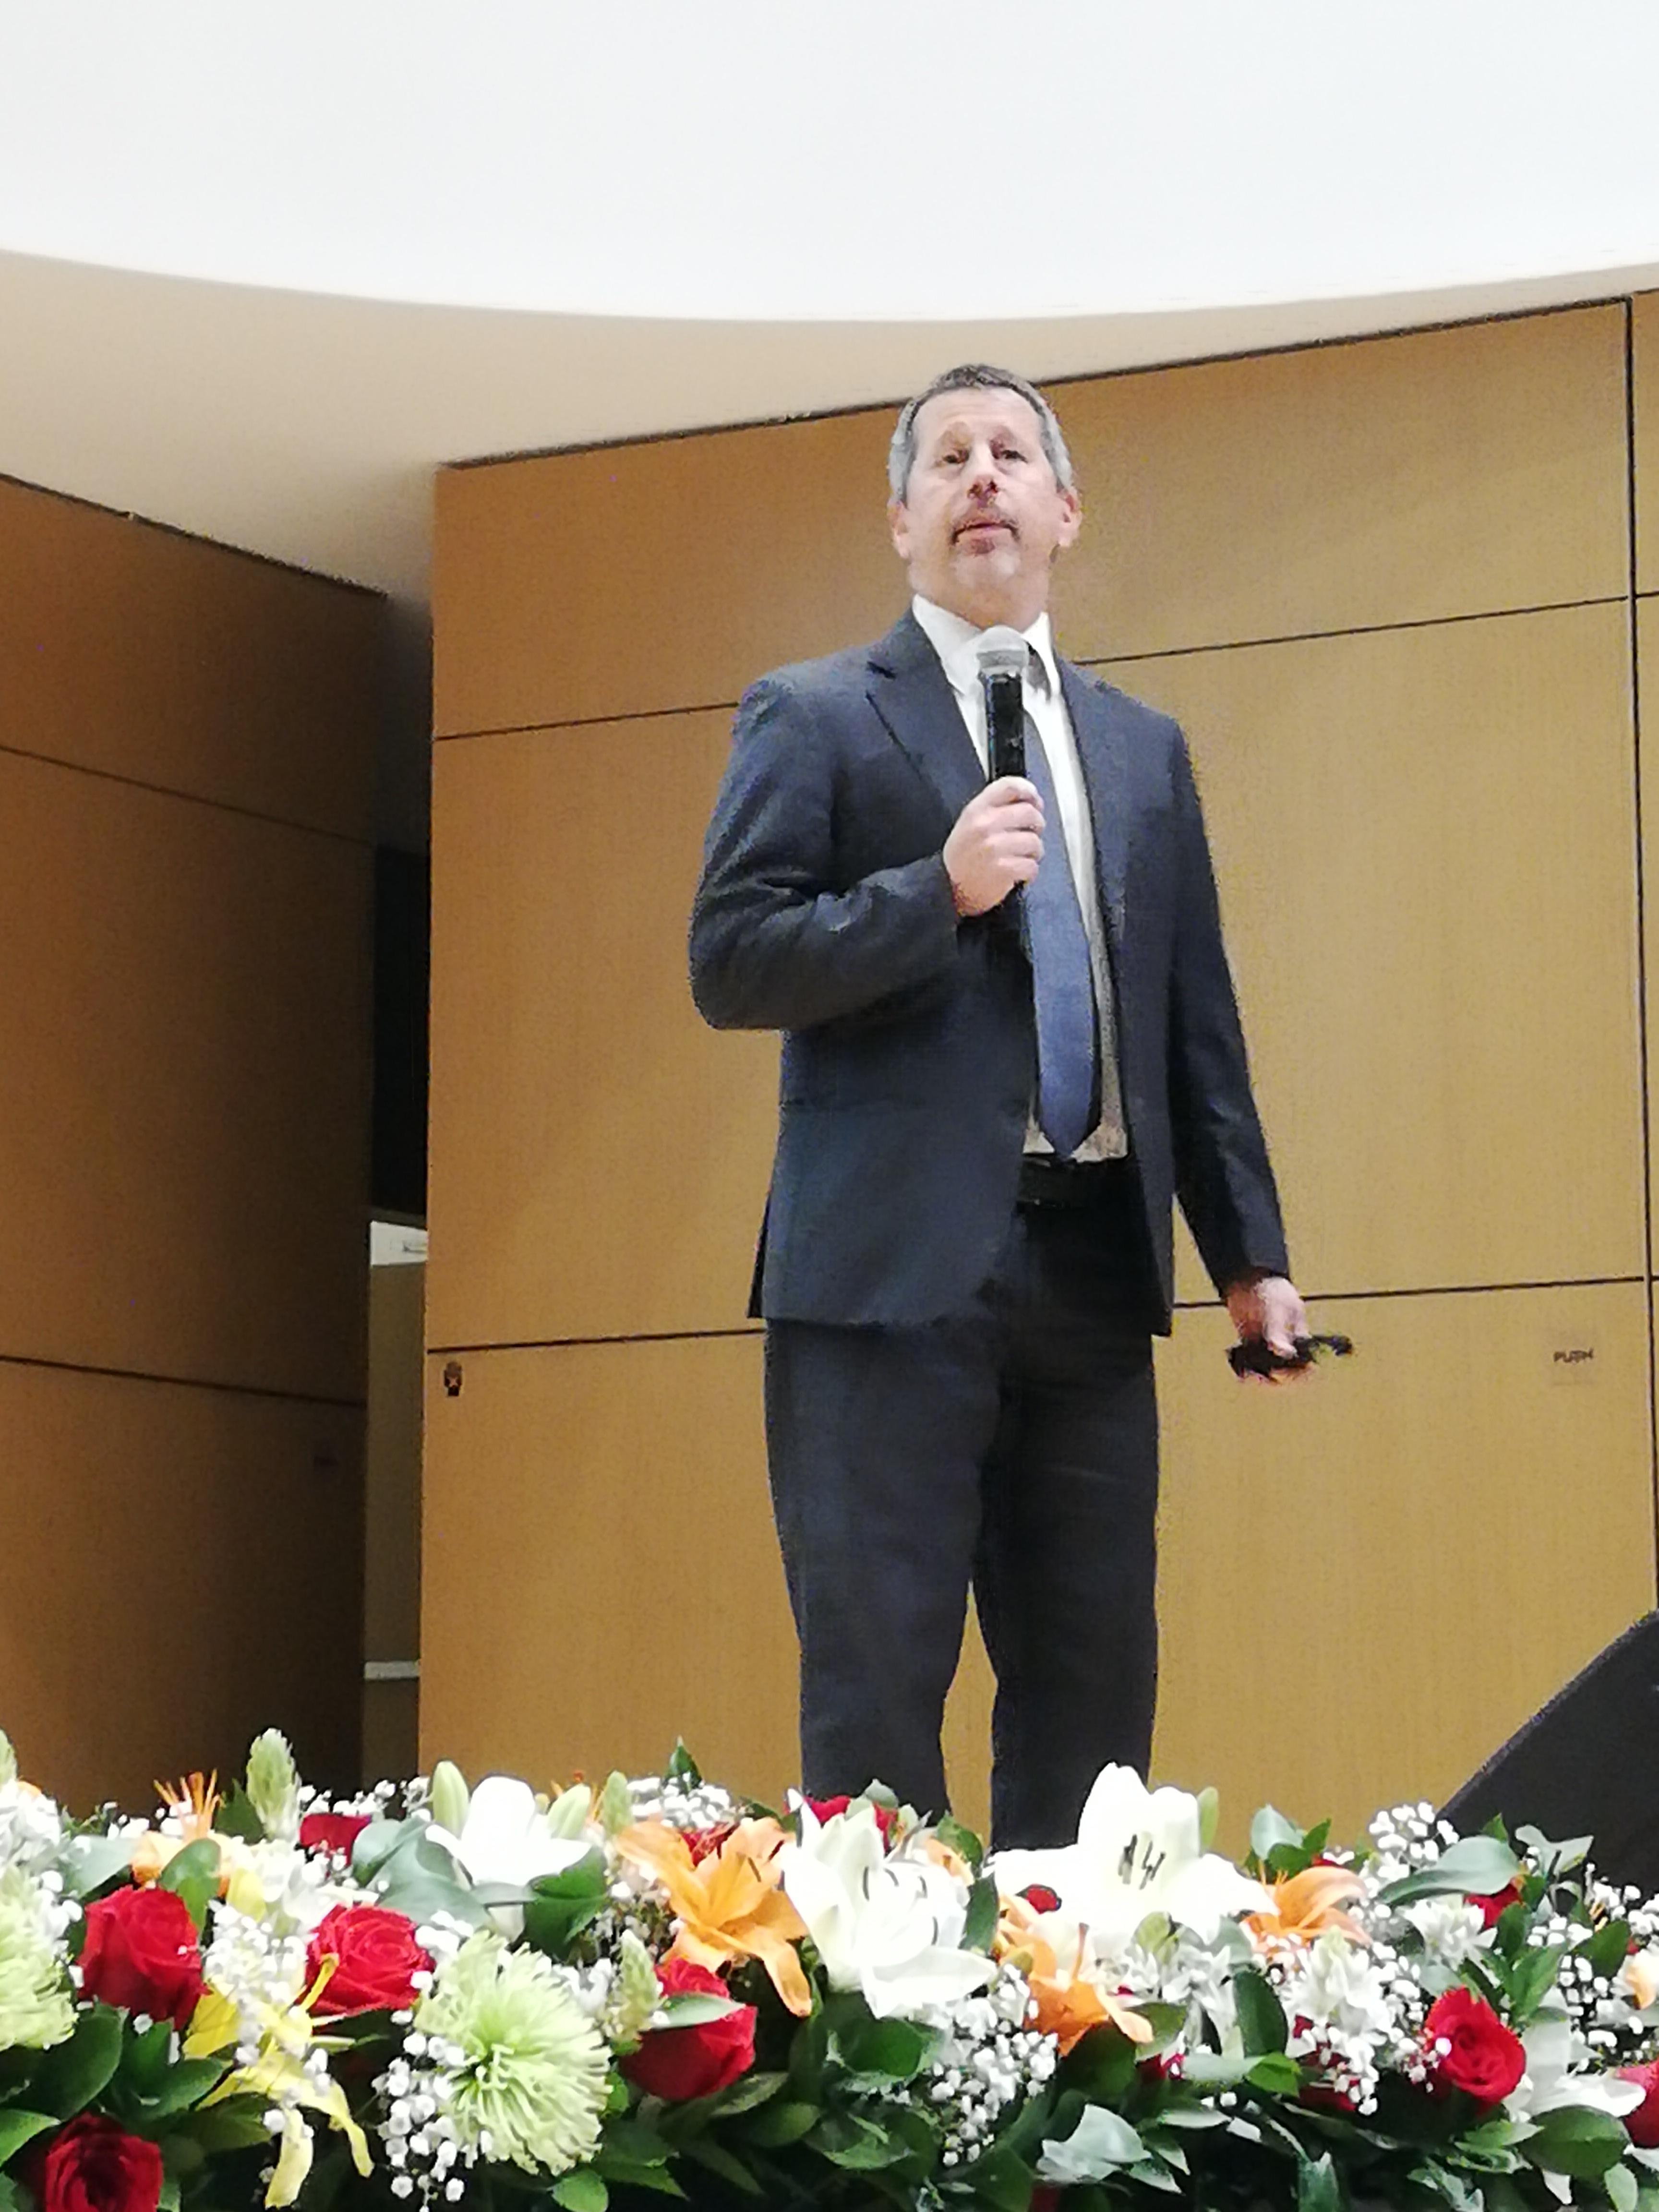 Ariel Londinsky, Secretario General de la Federación Panamericana de Lechería FEPALE - Uruguay